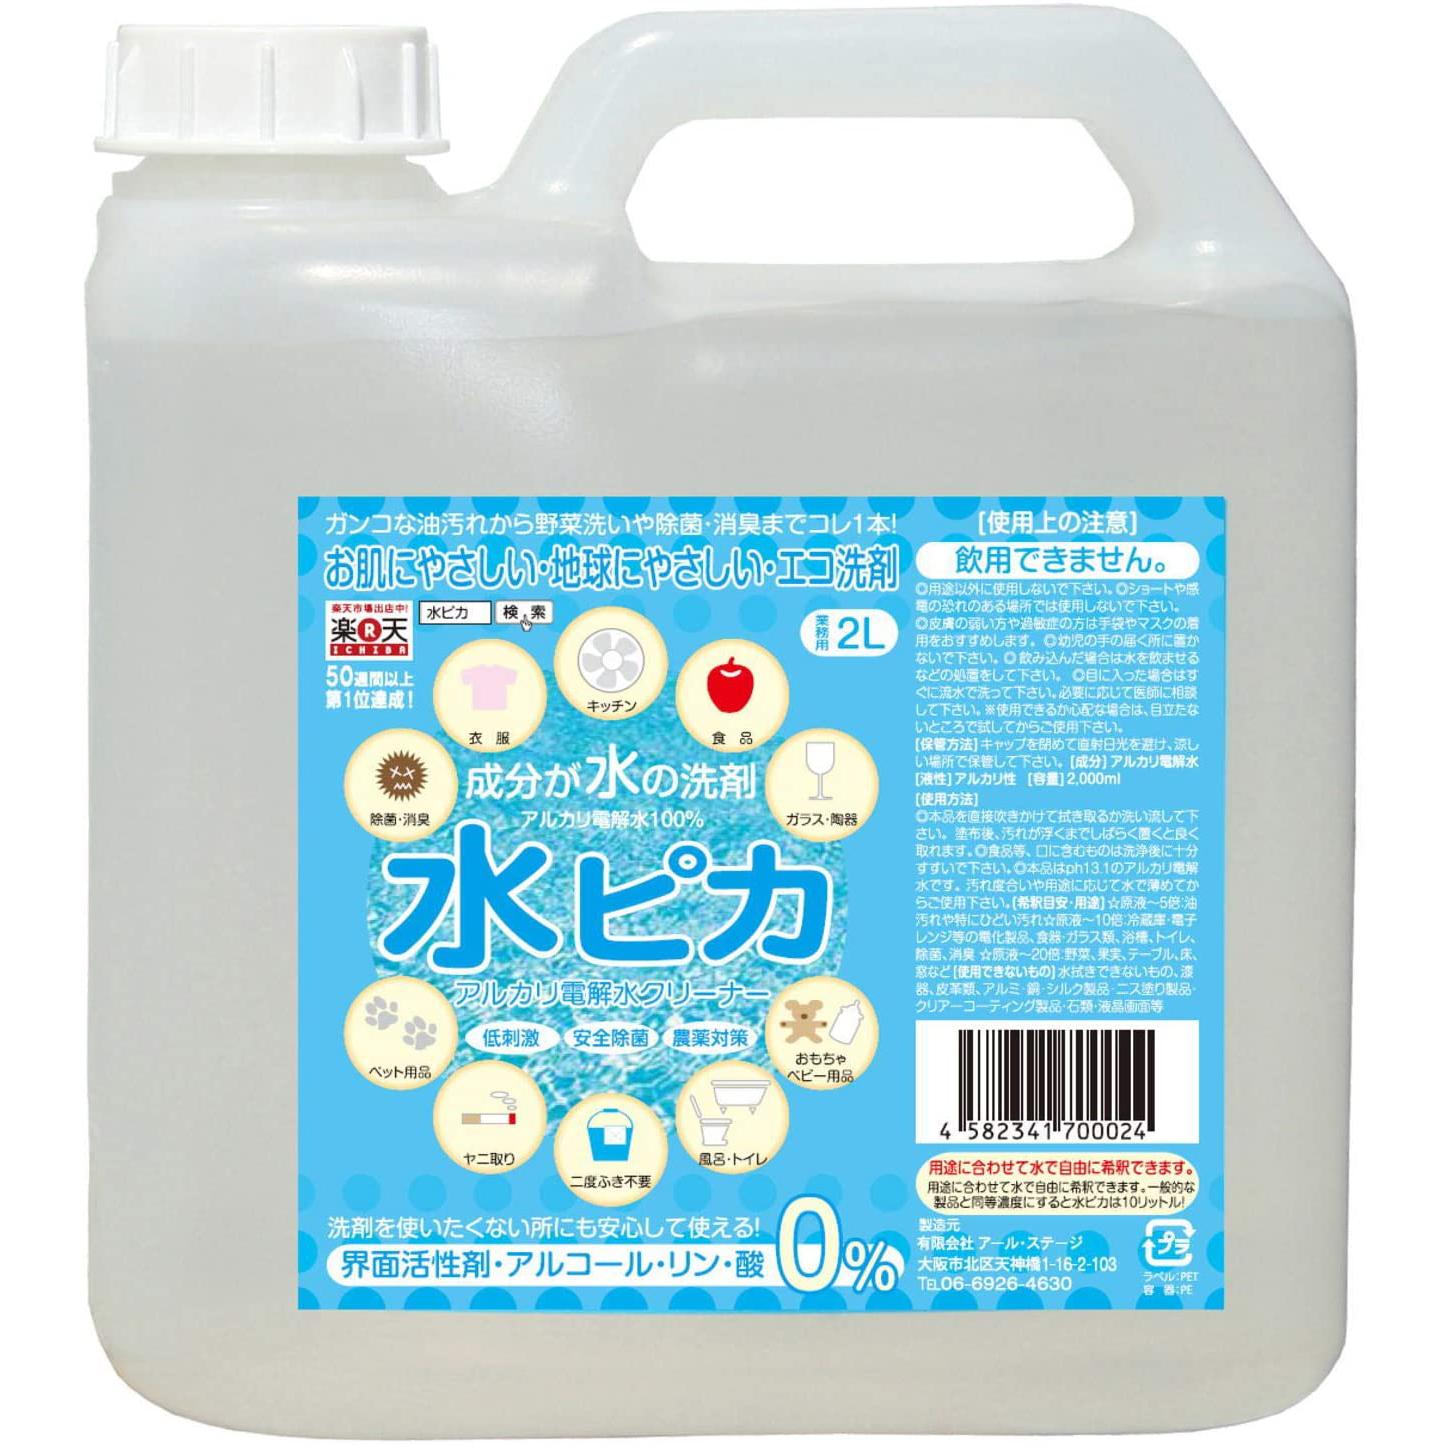 アール・ステージ日本デイリーヘルス株式会社<掃除・洗濯・除菌に>水ピカ・2000ml×6本